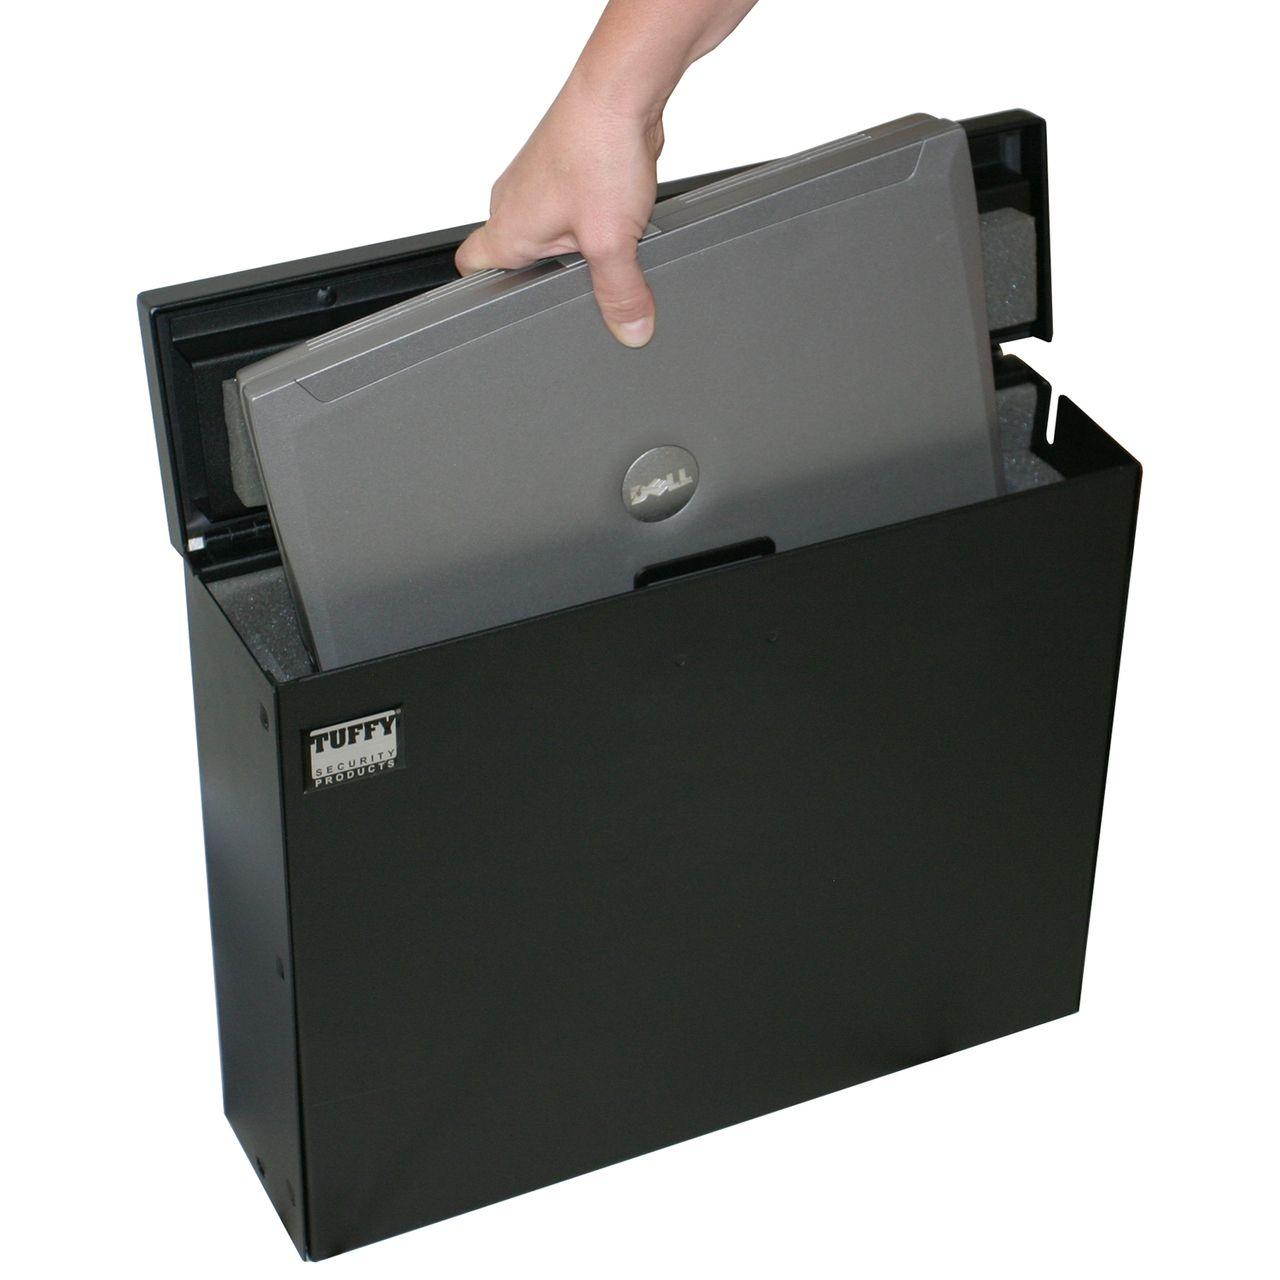 NOVISauto Laptop und Tabletsafe für Fahrzeuge 15 Zoll Fahrzeugsafe dicke Polsterung innen